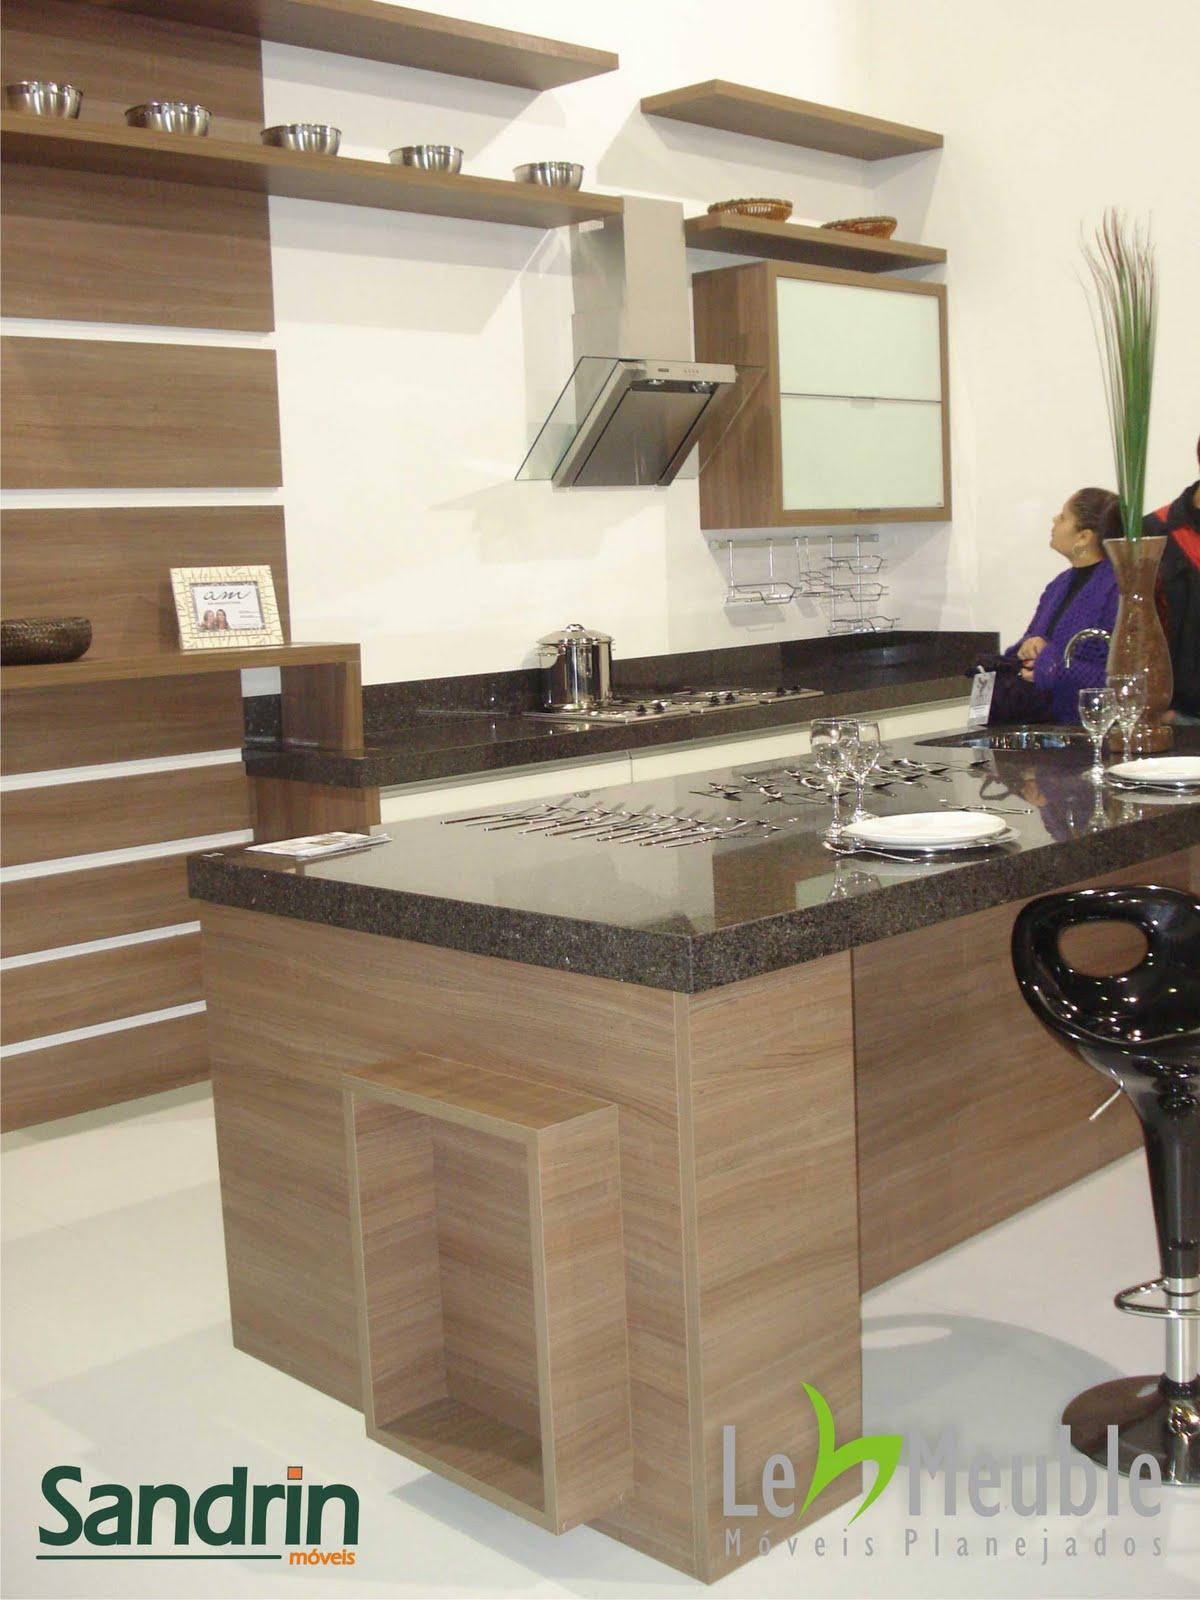 Le Meuble Projetos de Interiores: Casa brasil 2009 Cozinhas #74A823 1200 1600